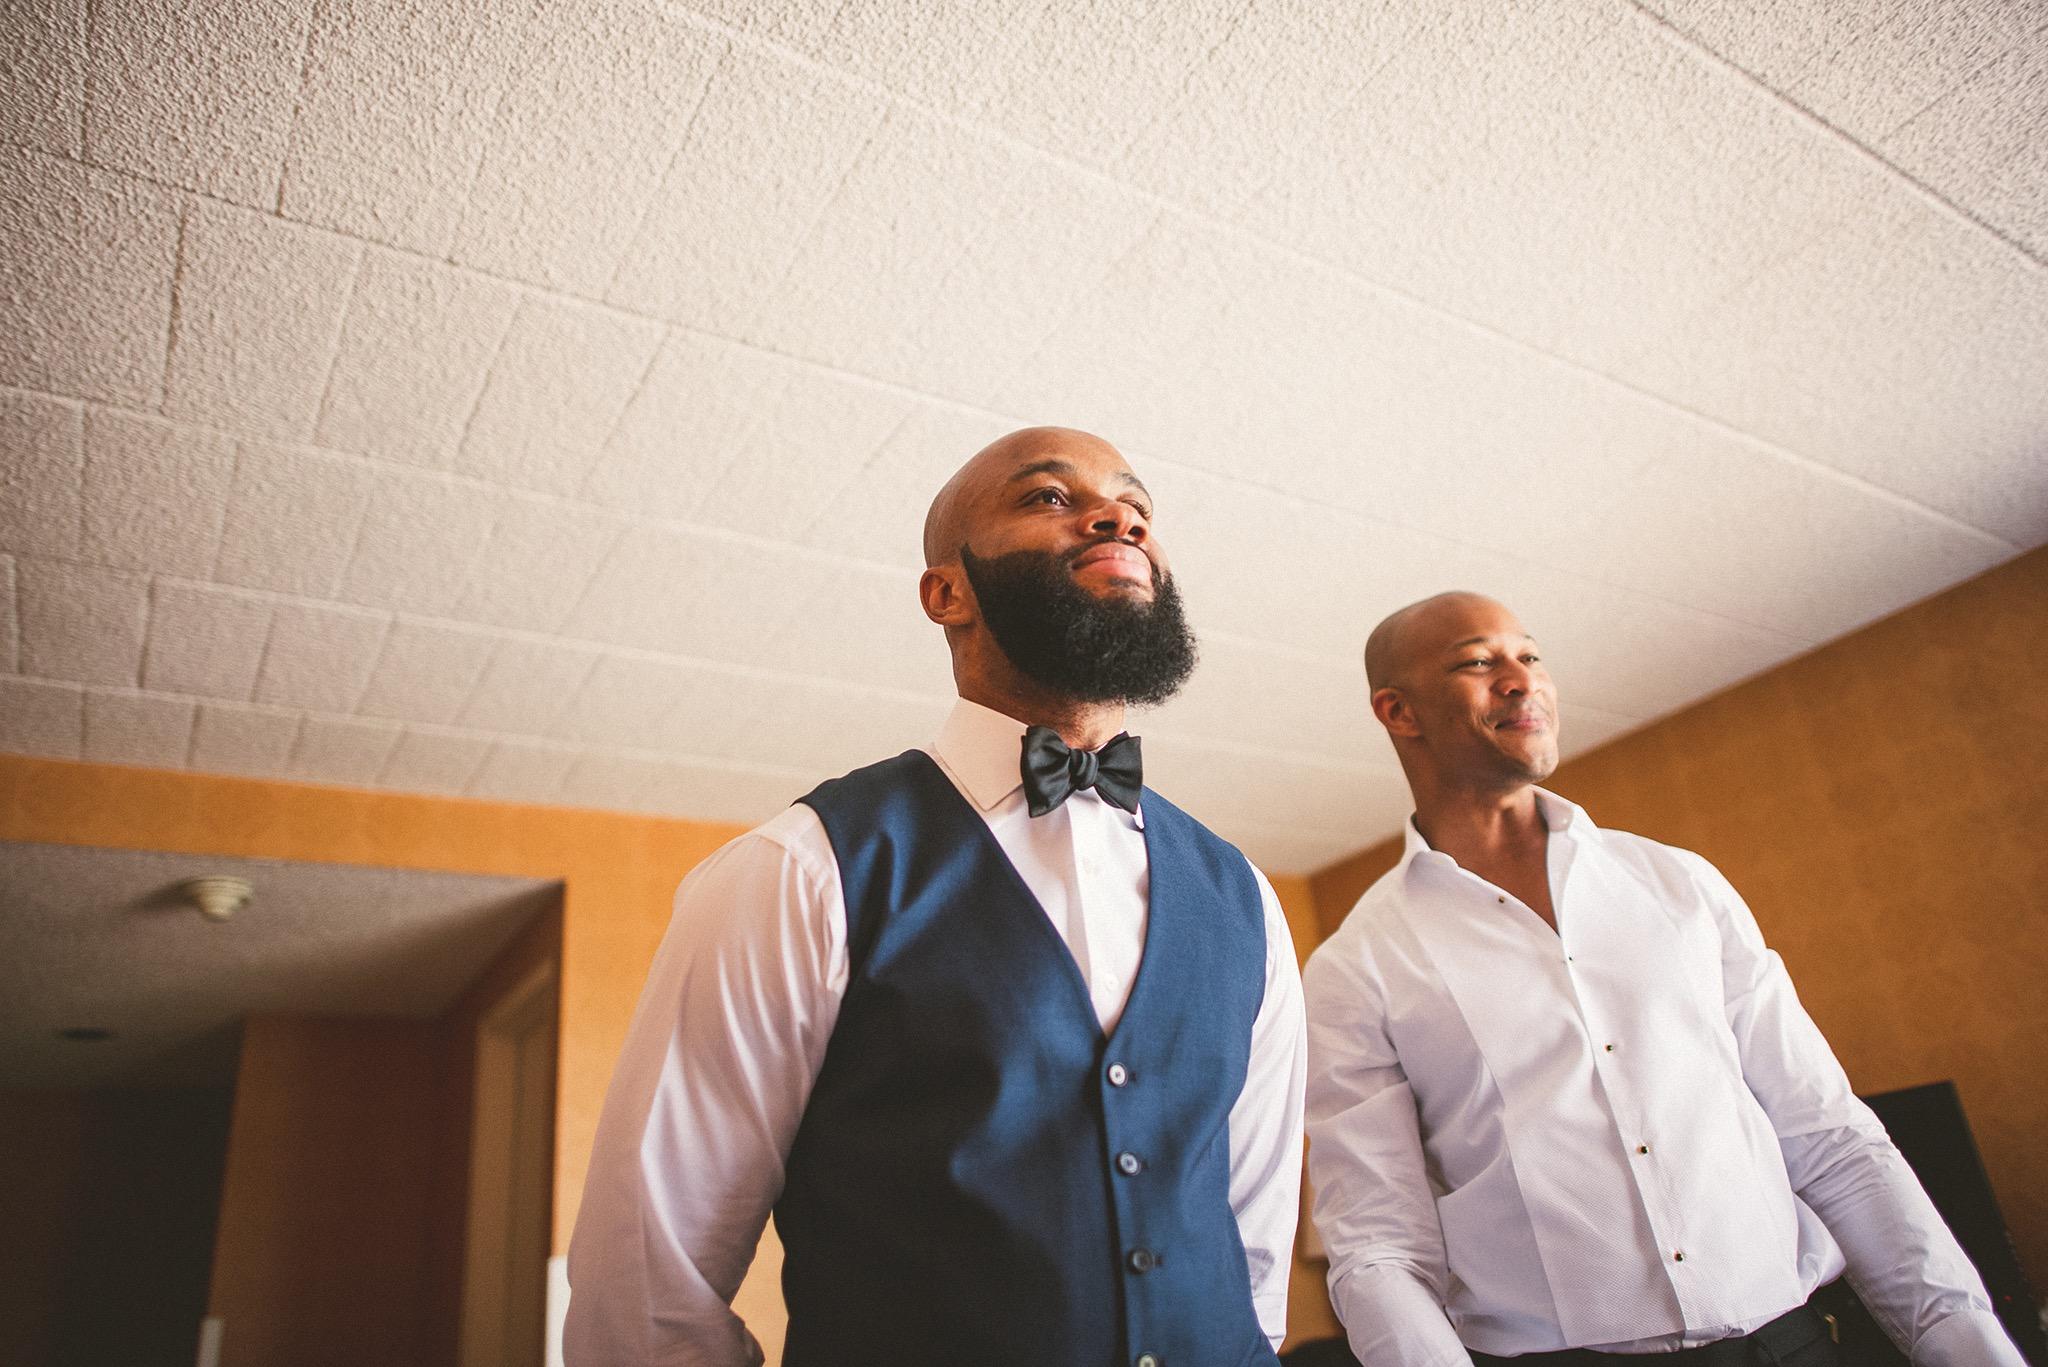 08-groom-and-bestman.jpg